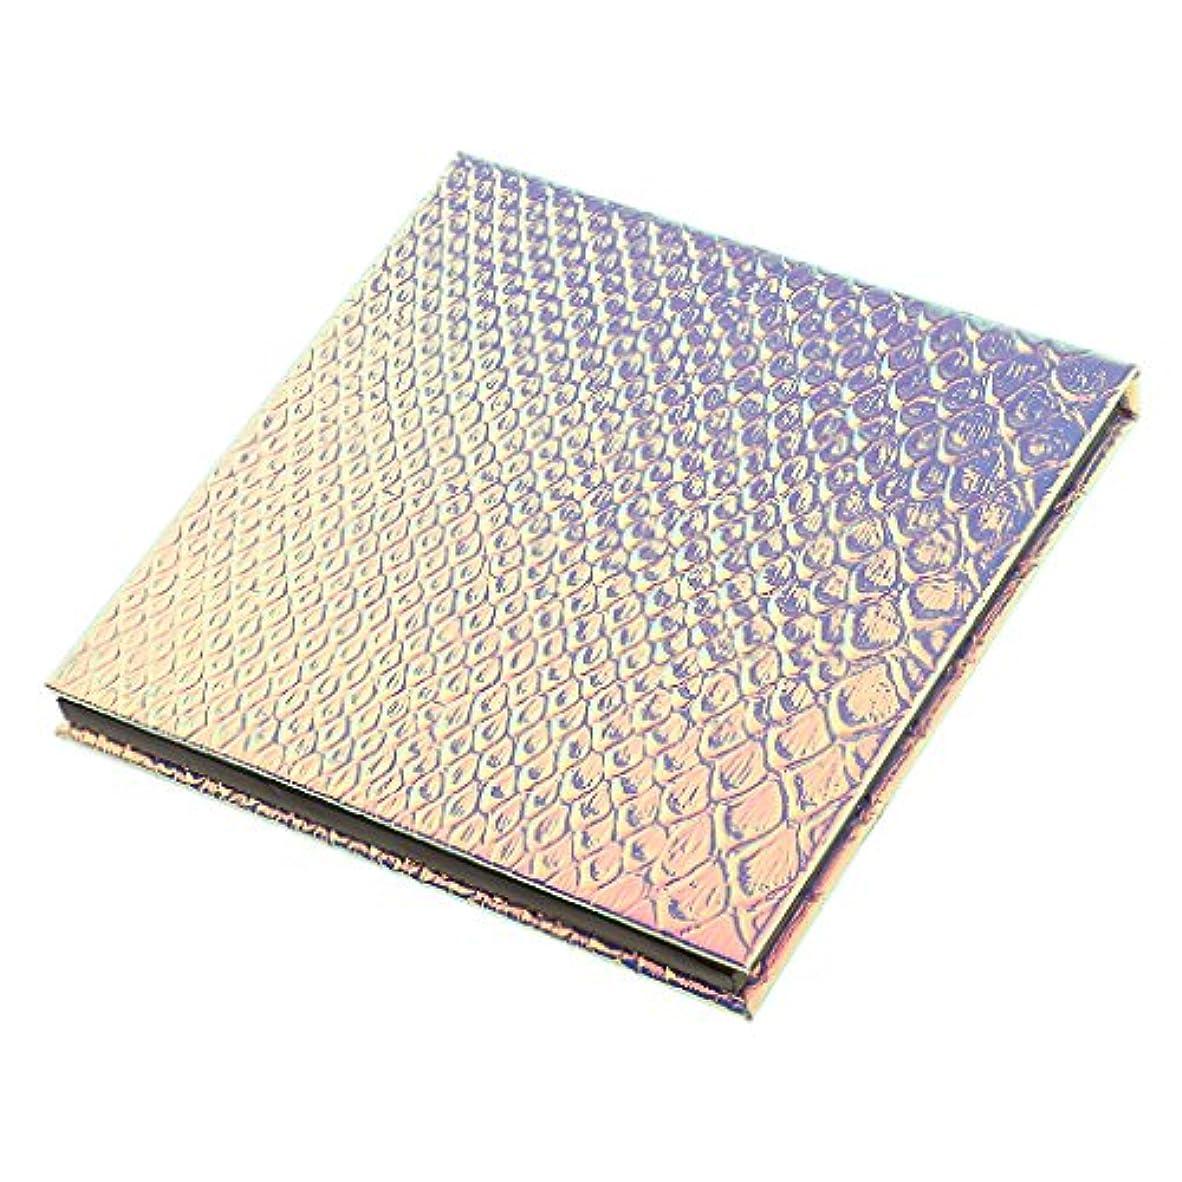 ボタンお金ゴム事業Dovewill 磁気パレットボックス 空の磁気パレット アイシャドウ ハイライター コンシーラー ブラッシュ パウダー メイクアップ 化粧 コスメ 収納 ボックス 全2サイズ選べ - 10x10cm